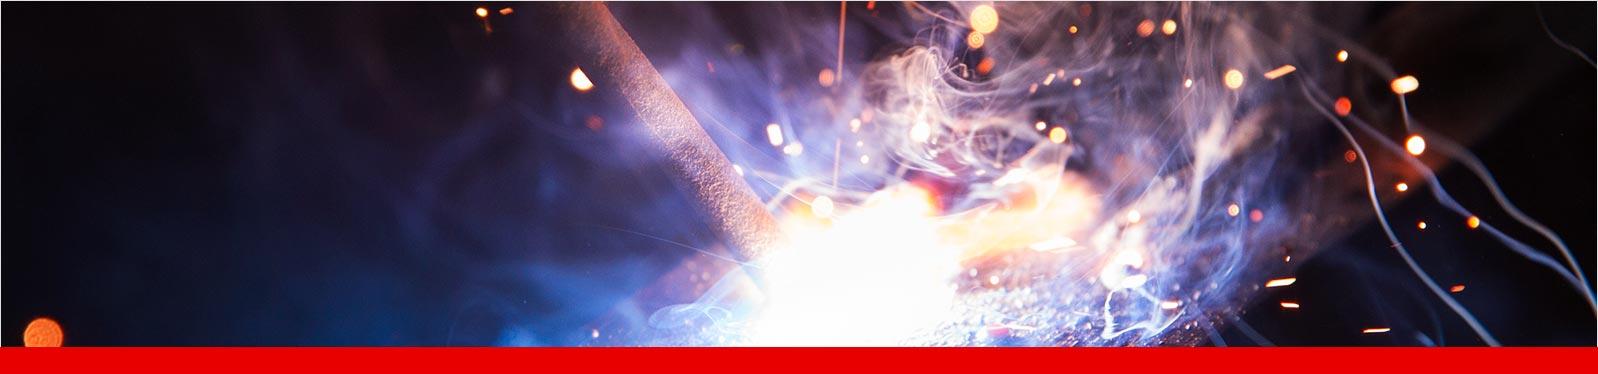 Das Elektrodenhandschweißen, oder auch Lichtbogenhandschweißen ist eines der ältesten Schweißverfahren und bis heute nicht weg zu denken